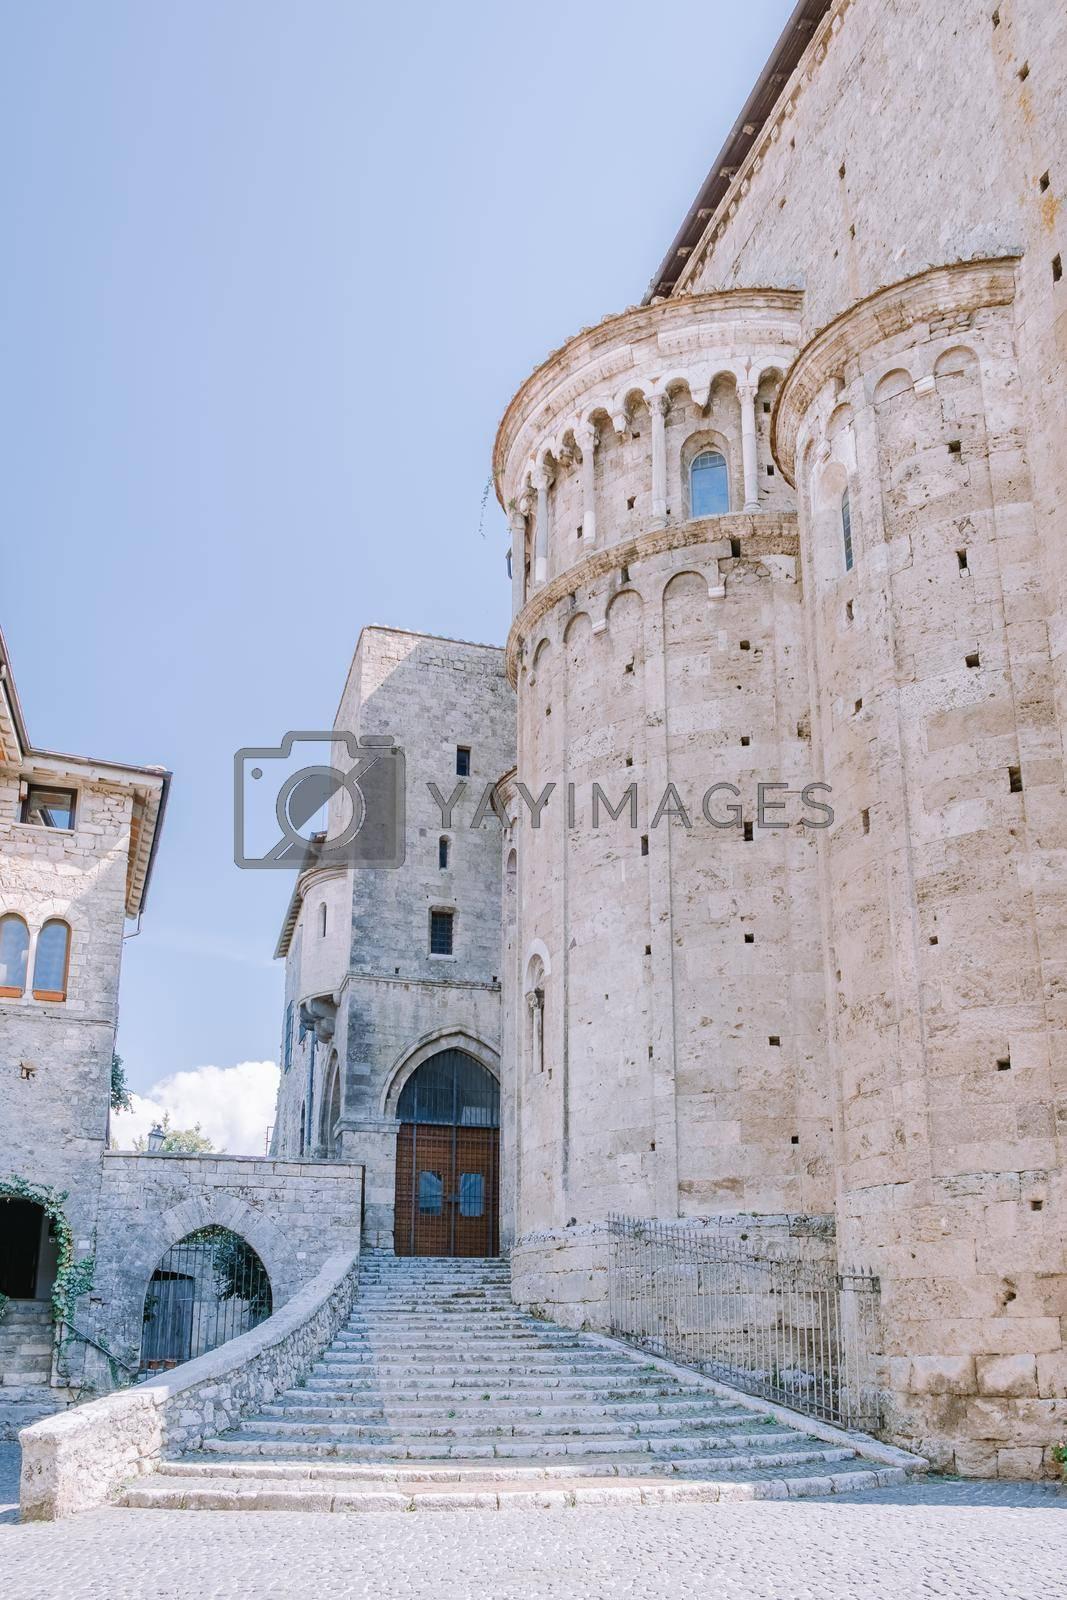 Scenic sight in Anagni, province of Frosinone, Lazio, central Italy Europe